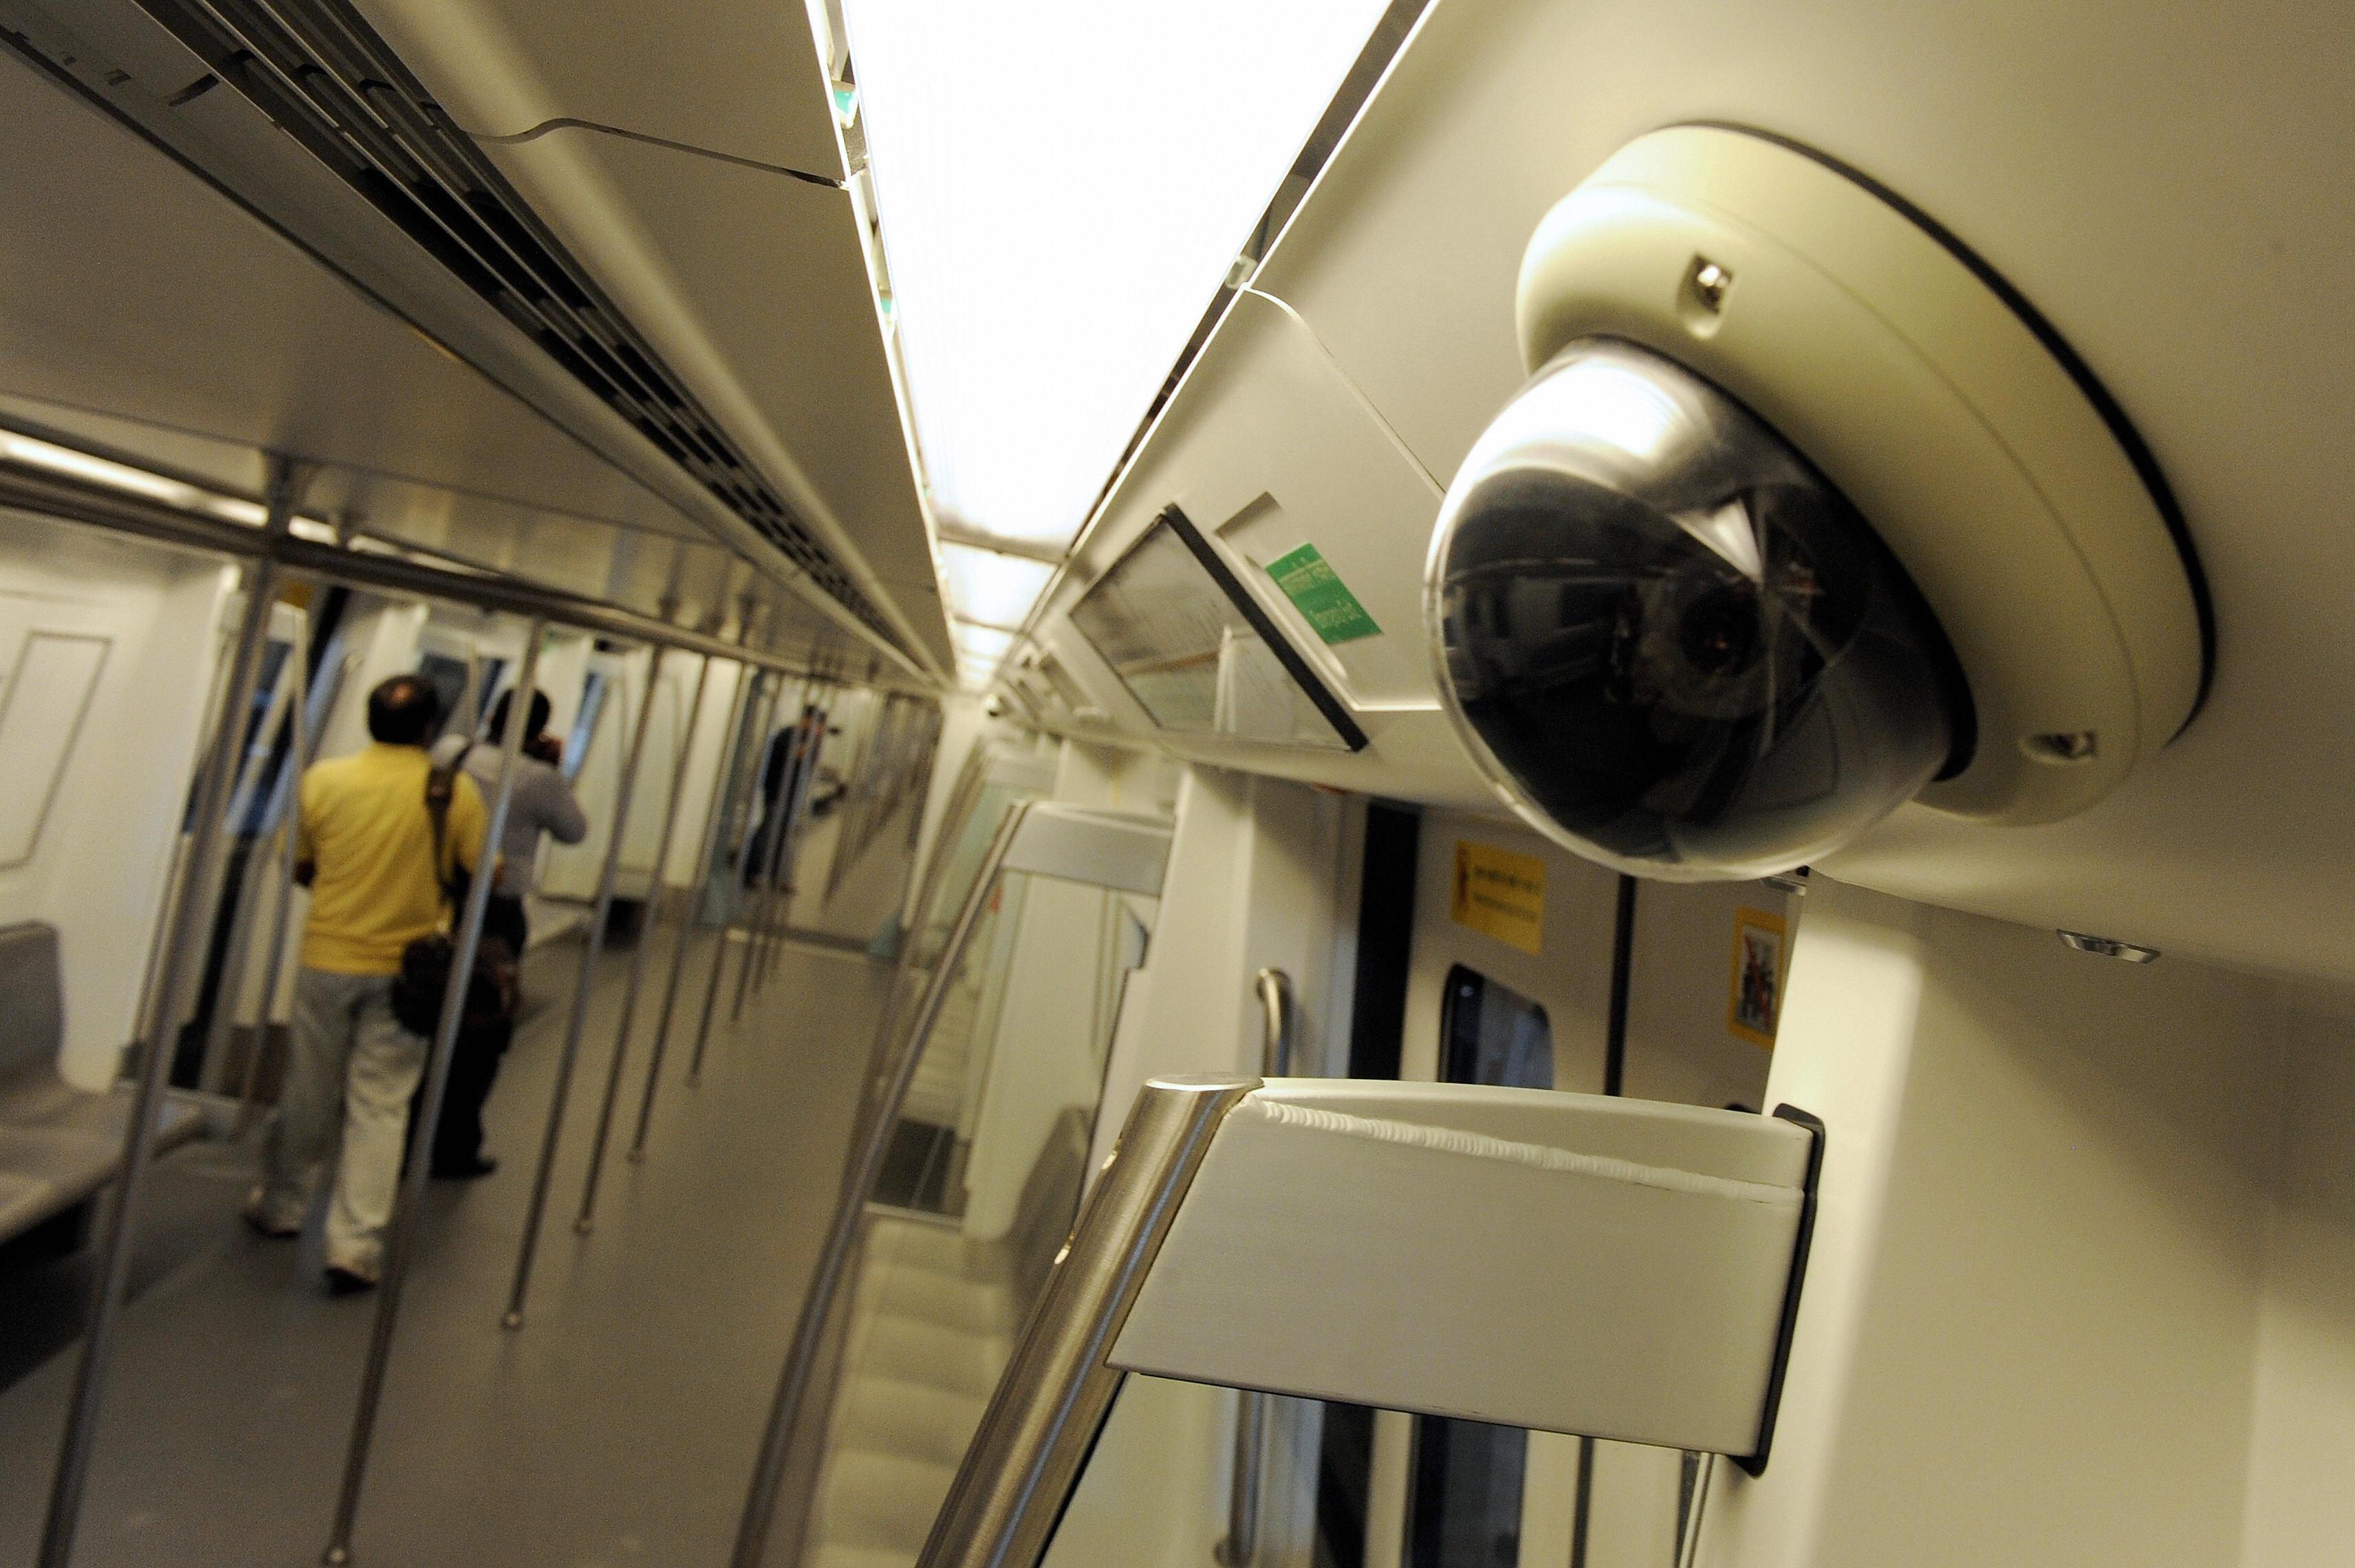 railway india cctv